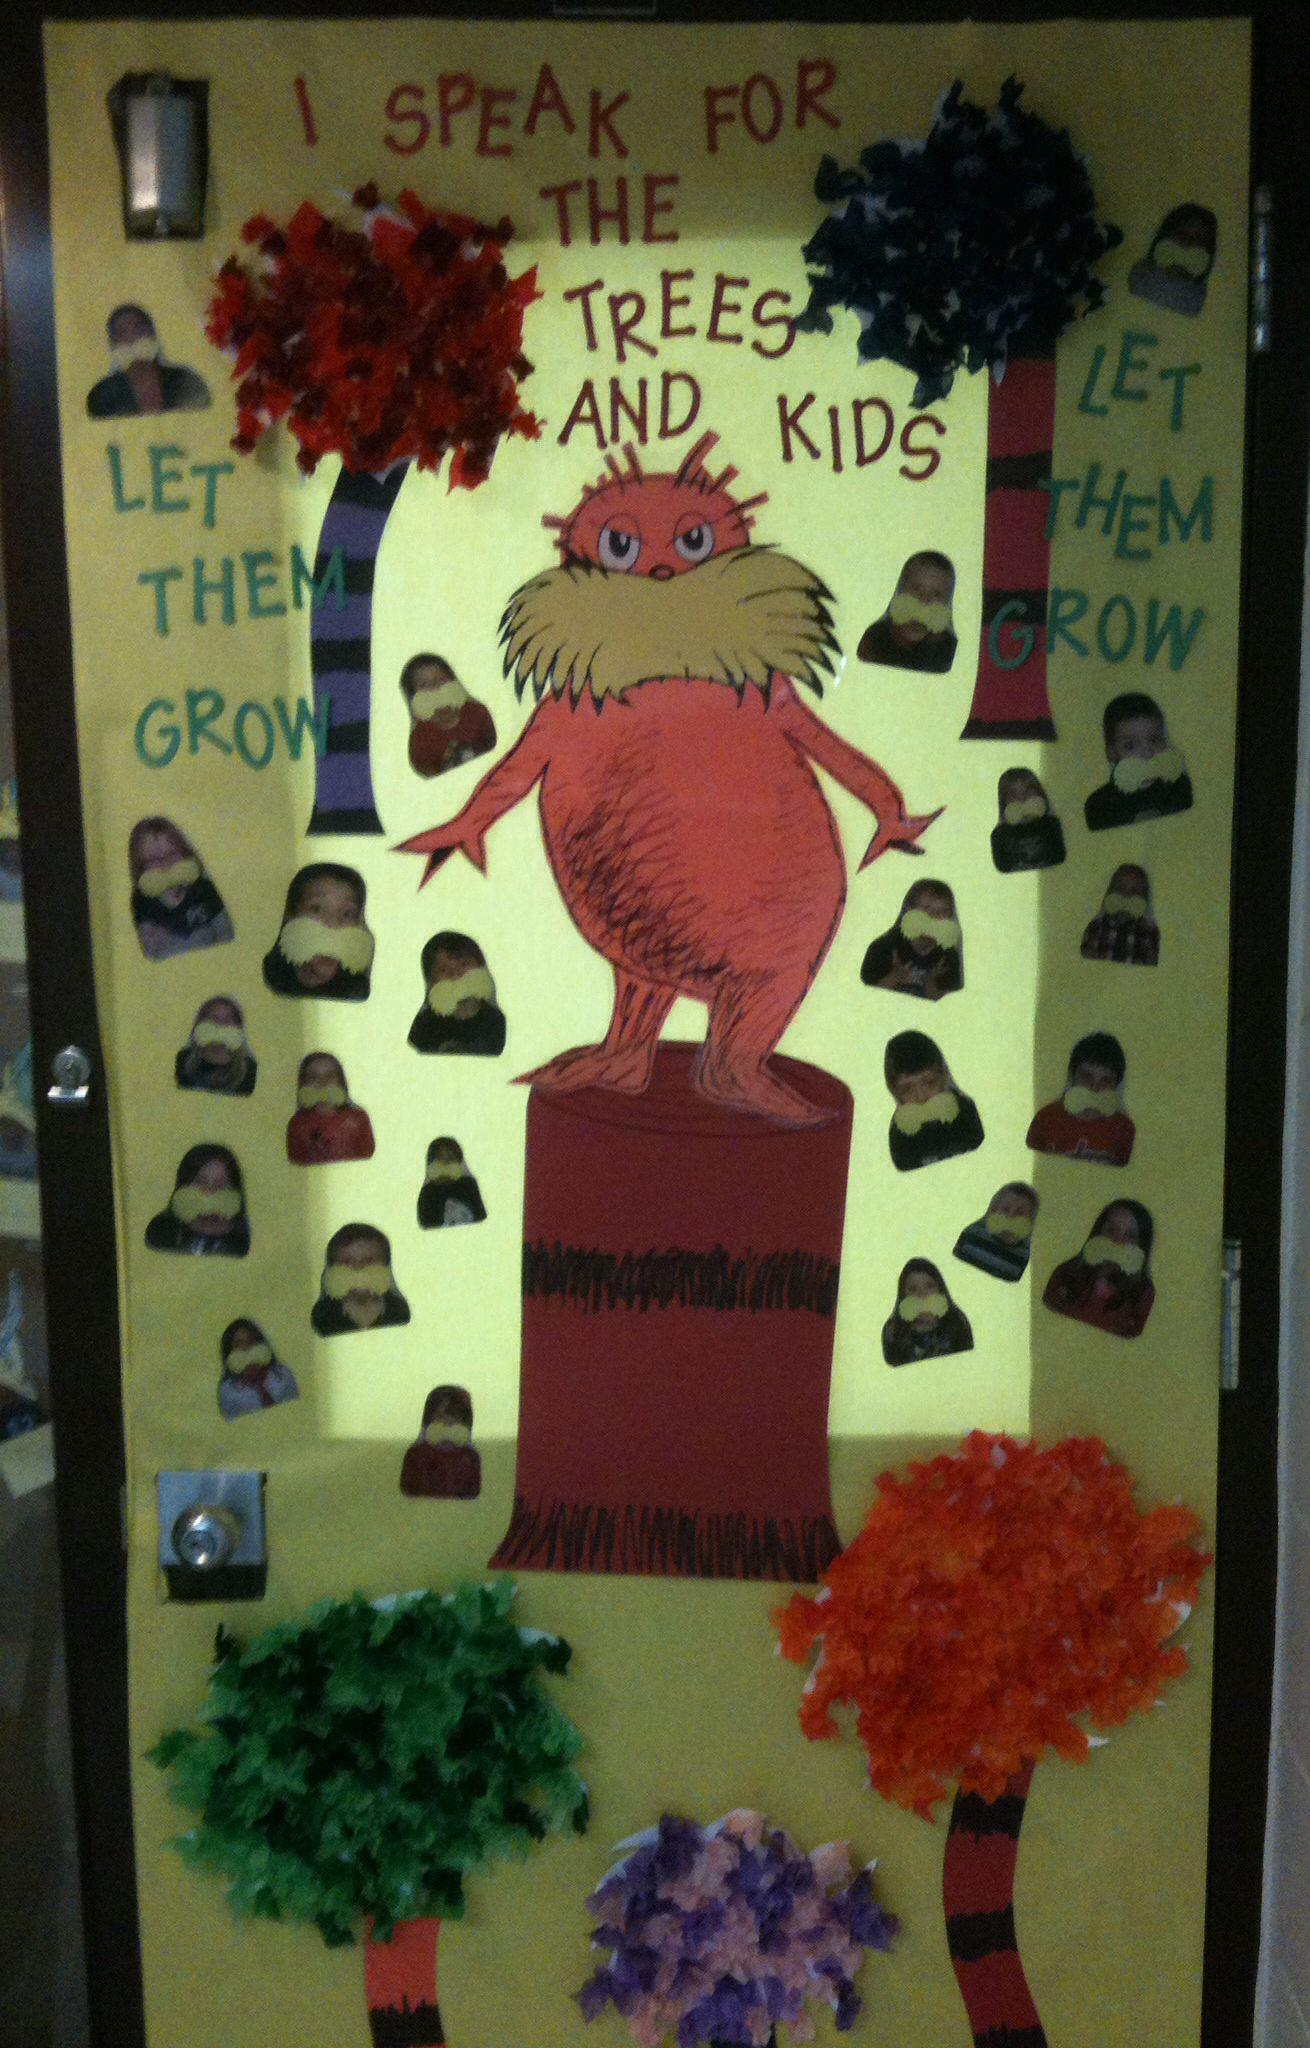 Dr. Seuss door decoration   School   Pinterest   Doors ...